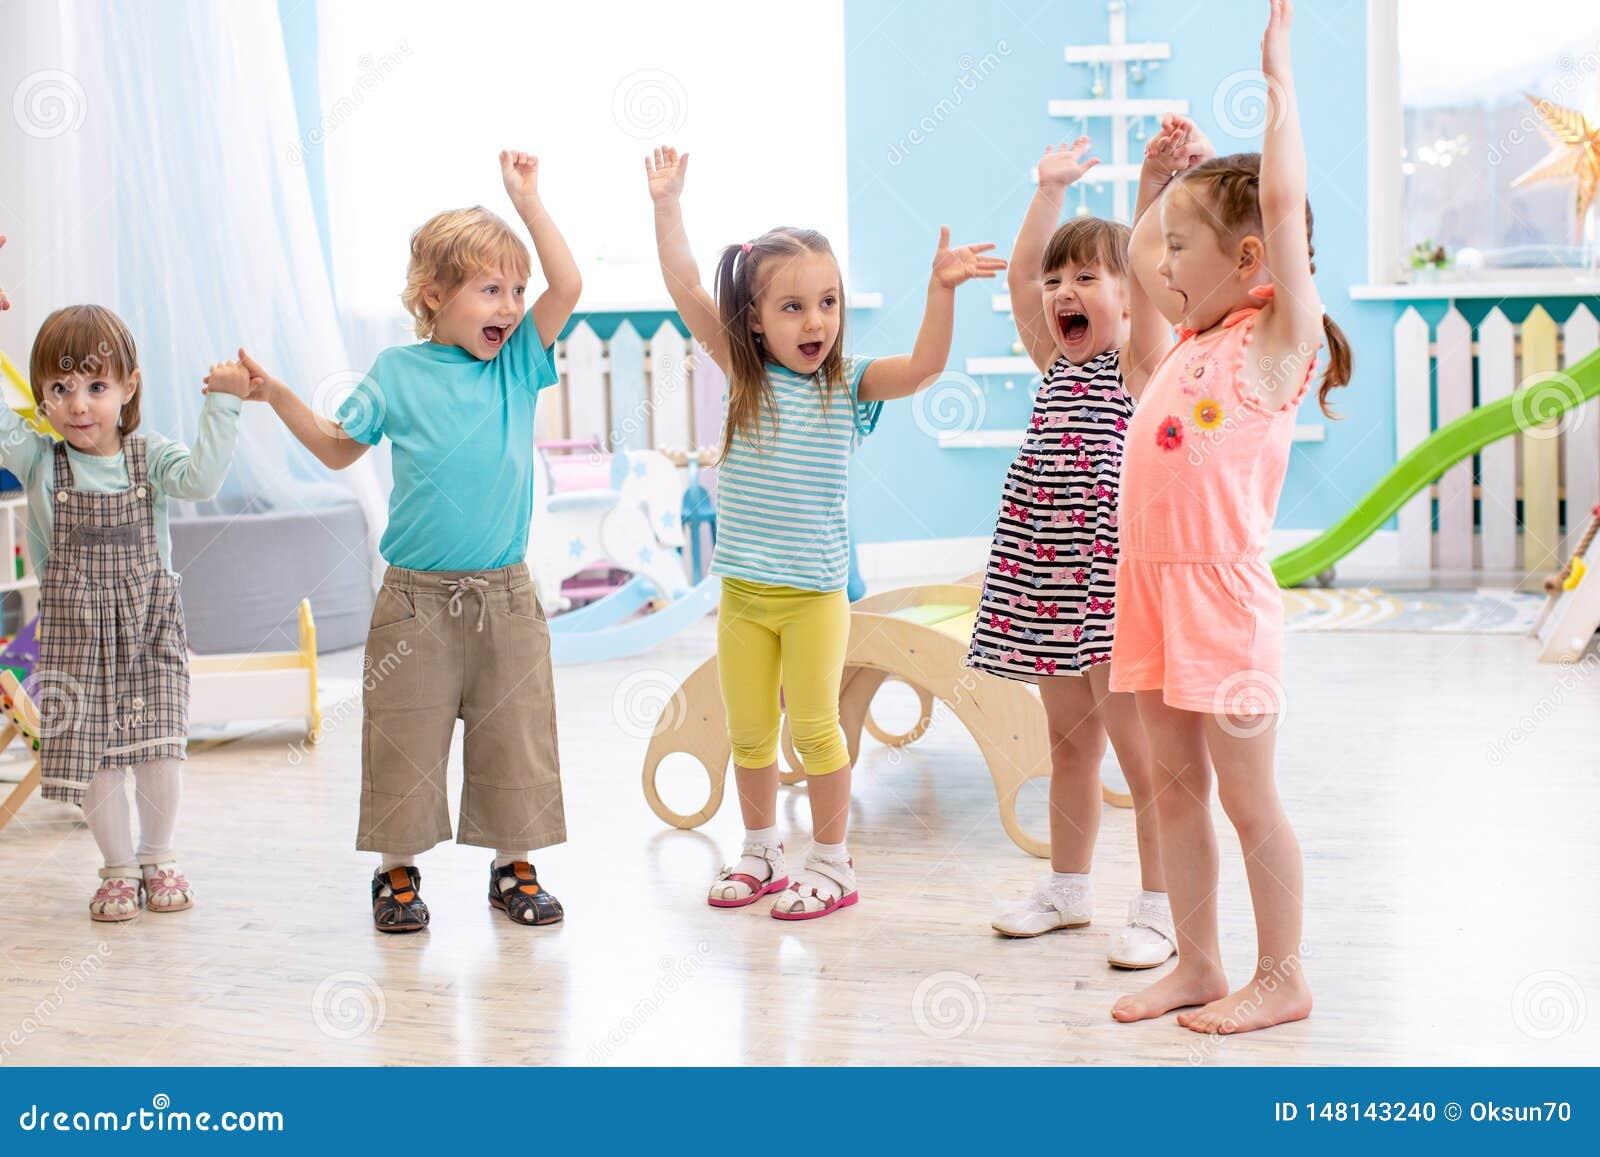 Gruppe emotionale Freunde mit ihren Händen hob an Kinder haben Spaßzeitvertreib im Kindertagesstätte